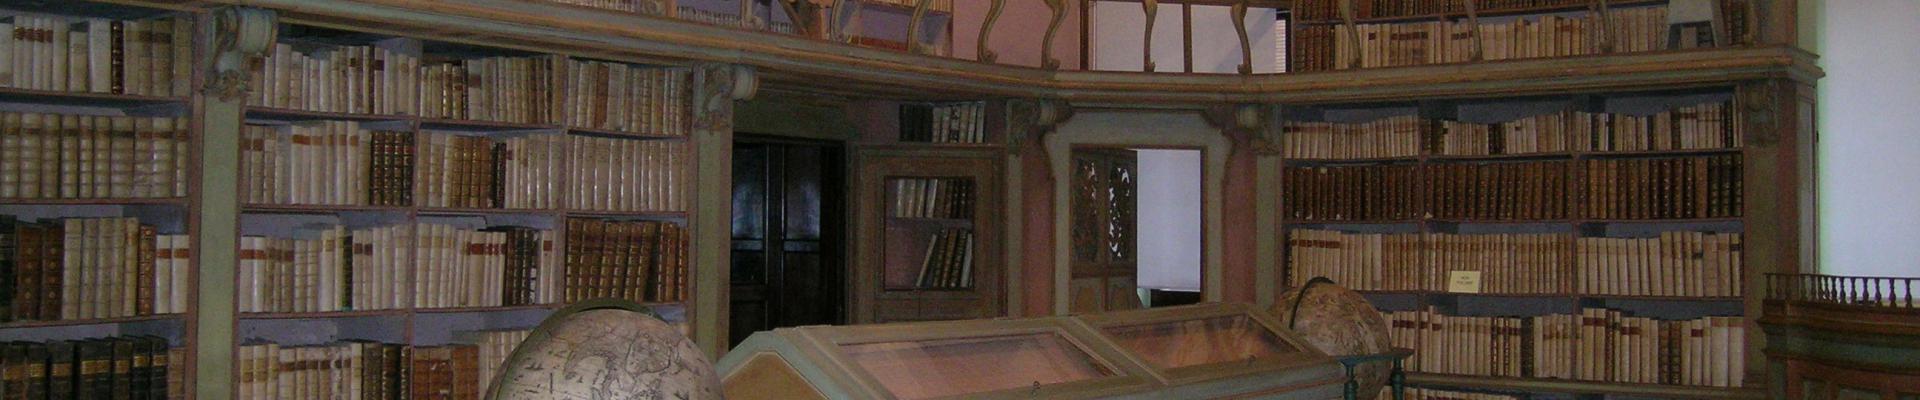 Biblioteca sala 700